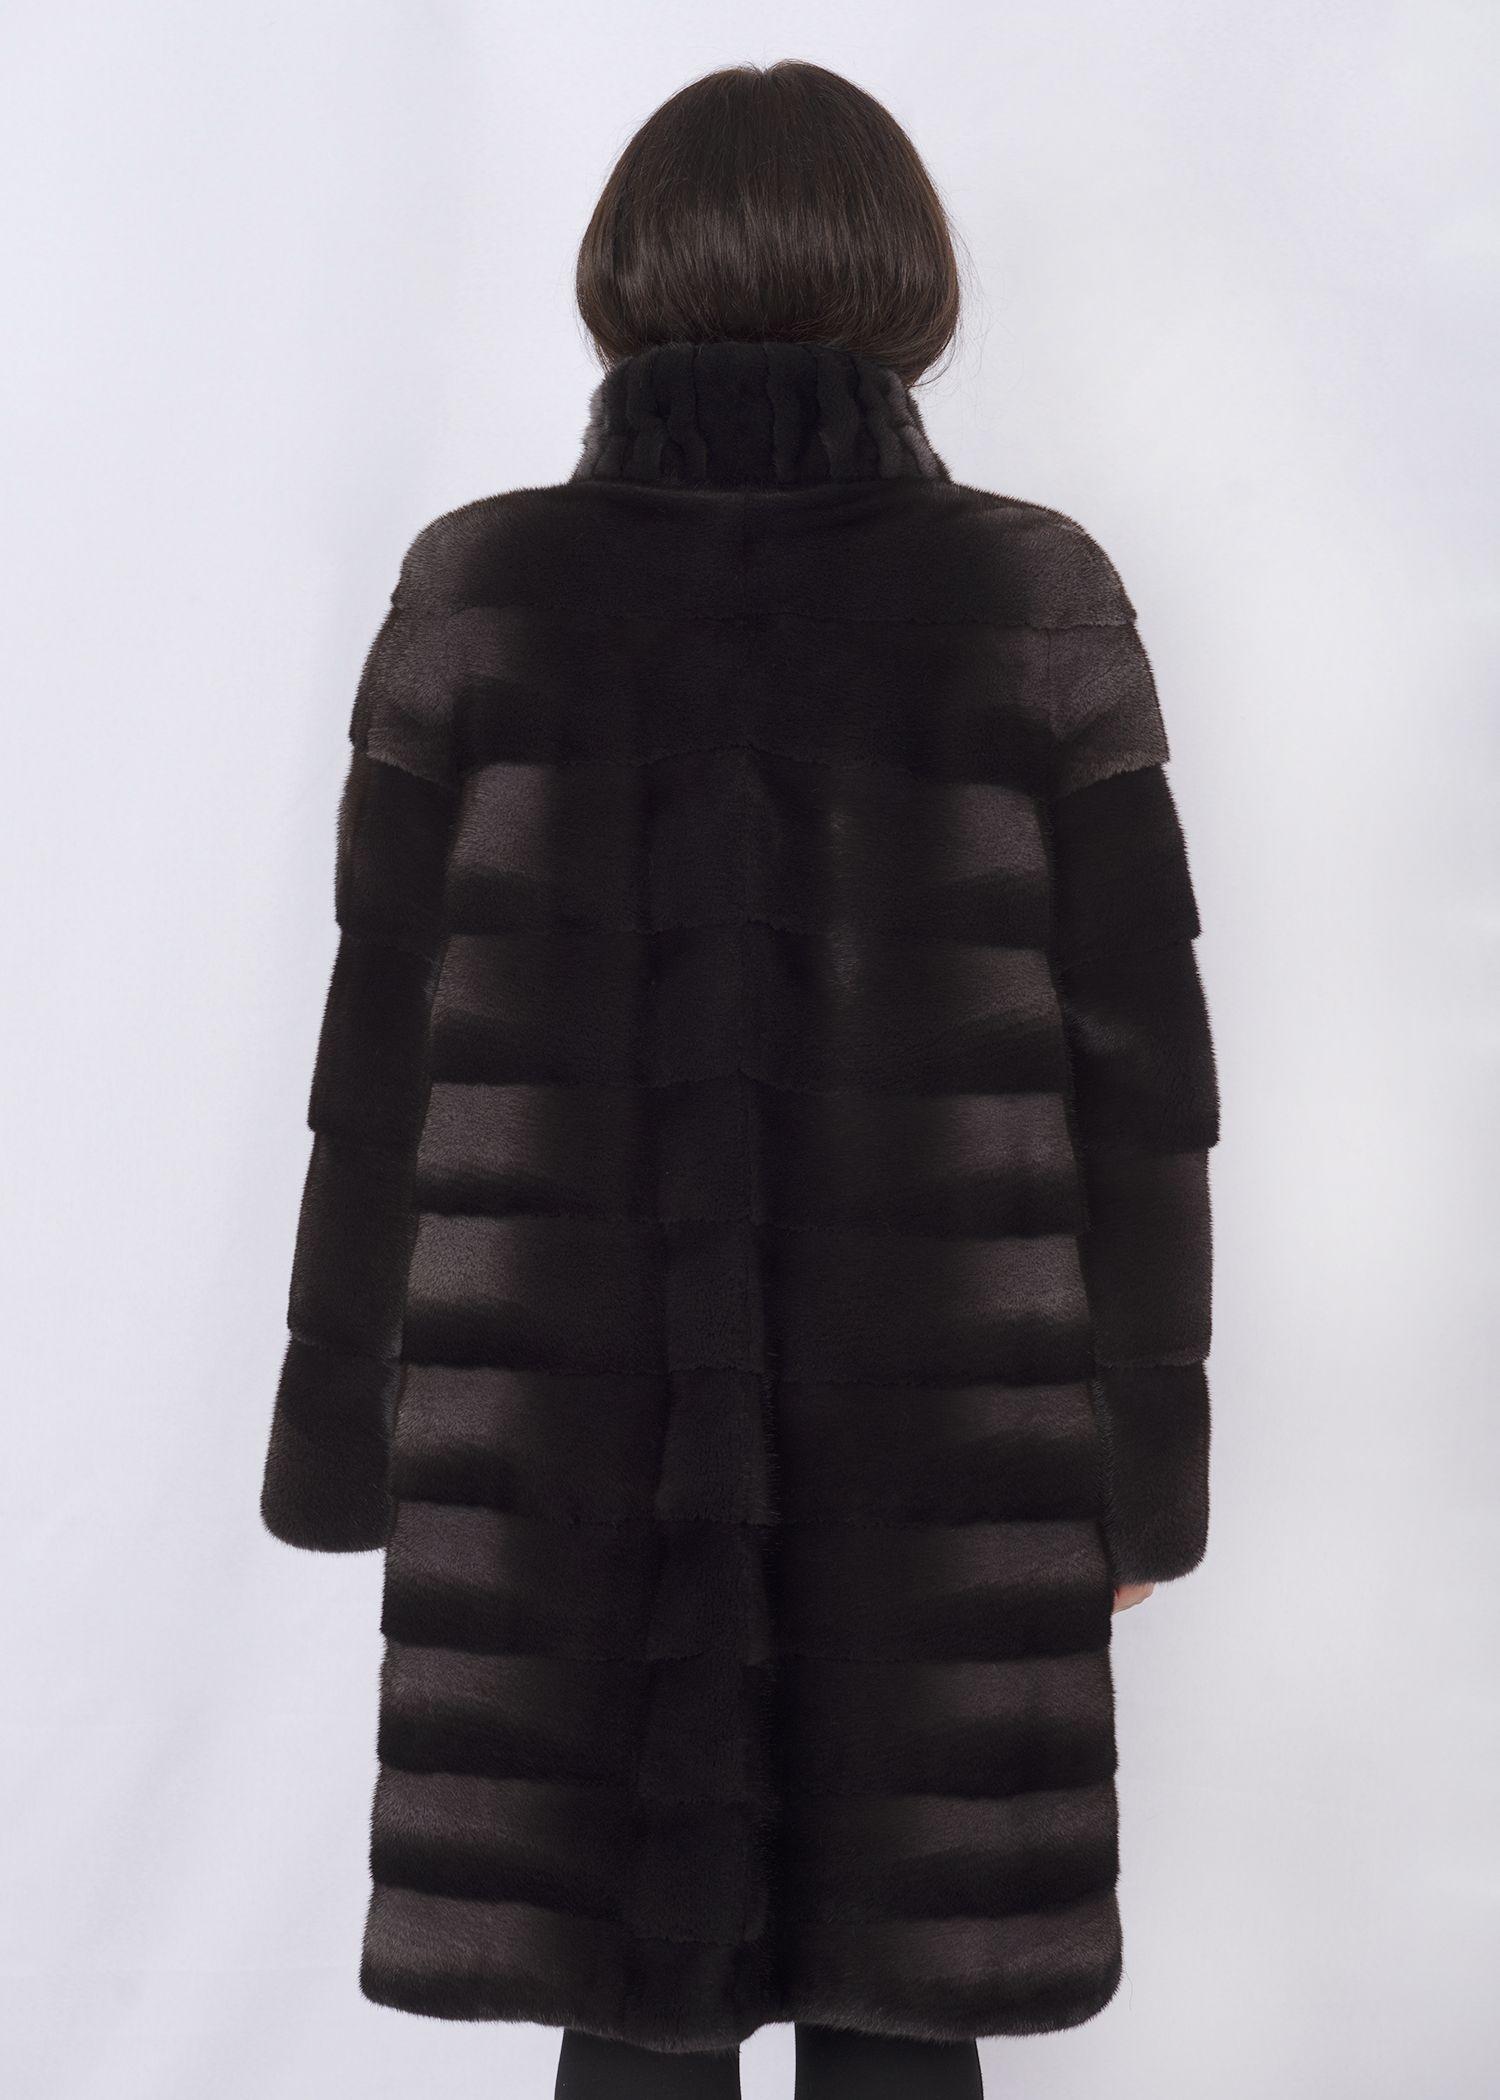 Шуба женская норковая 1202 фото №1